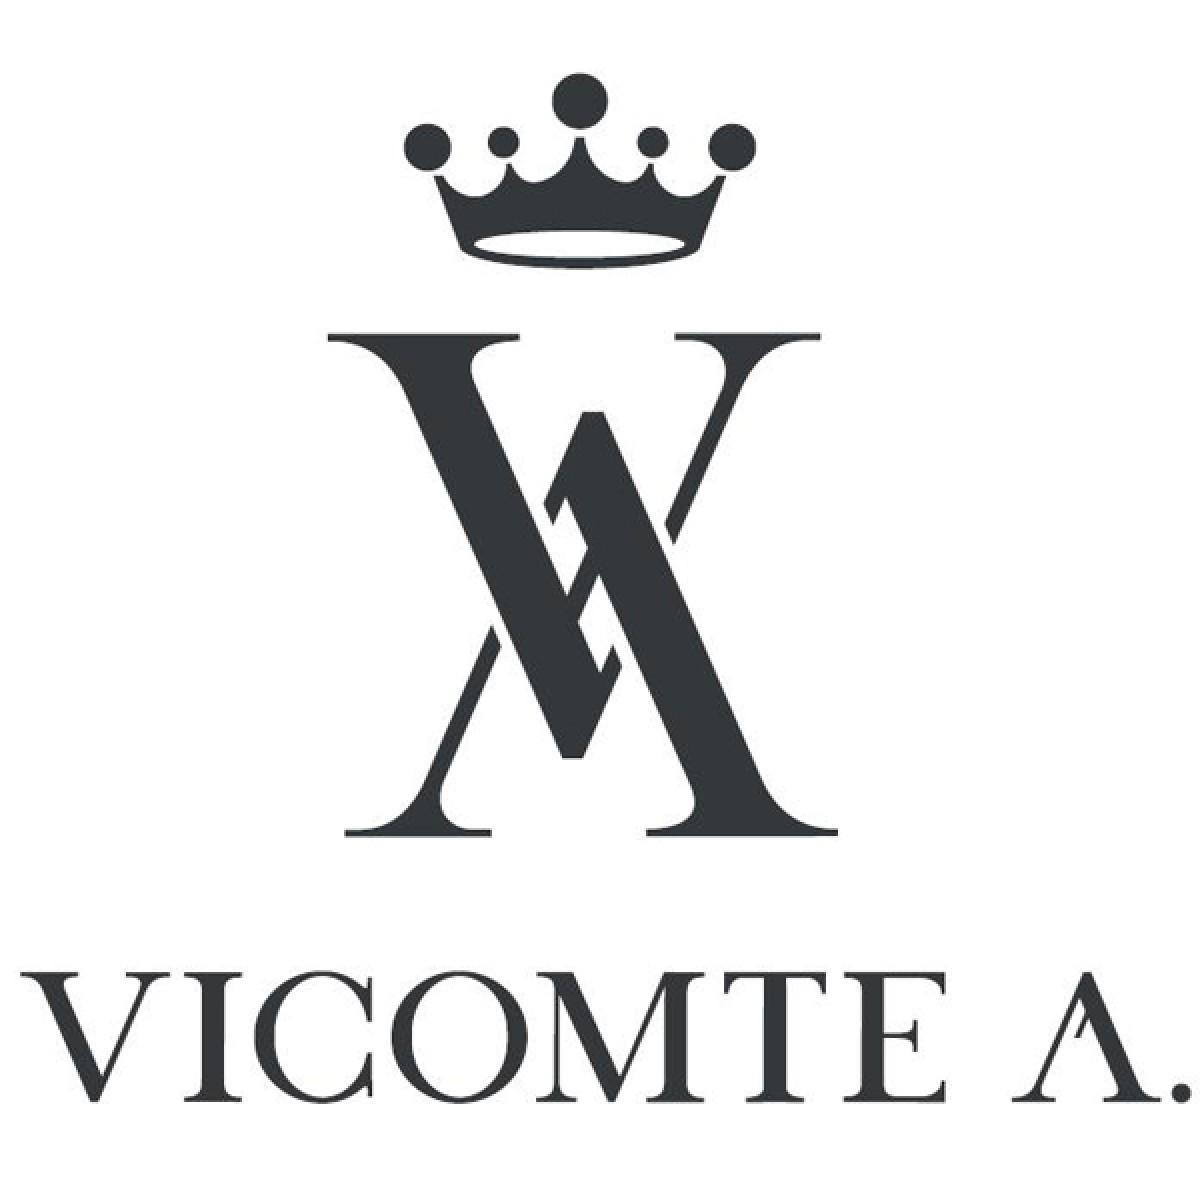 Vicomte Arthur